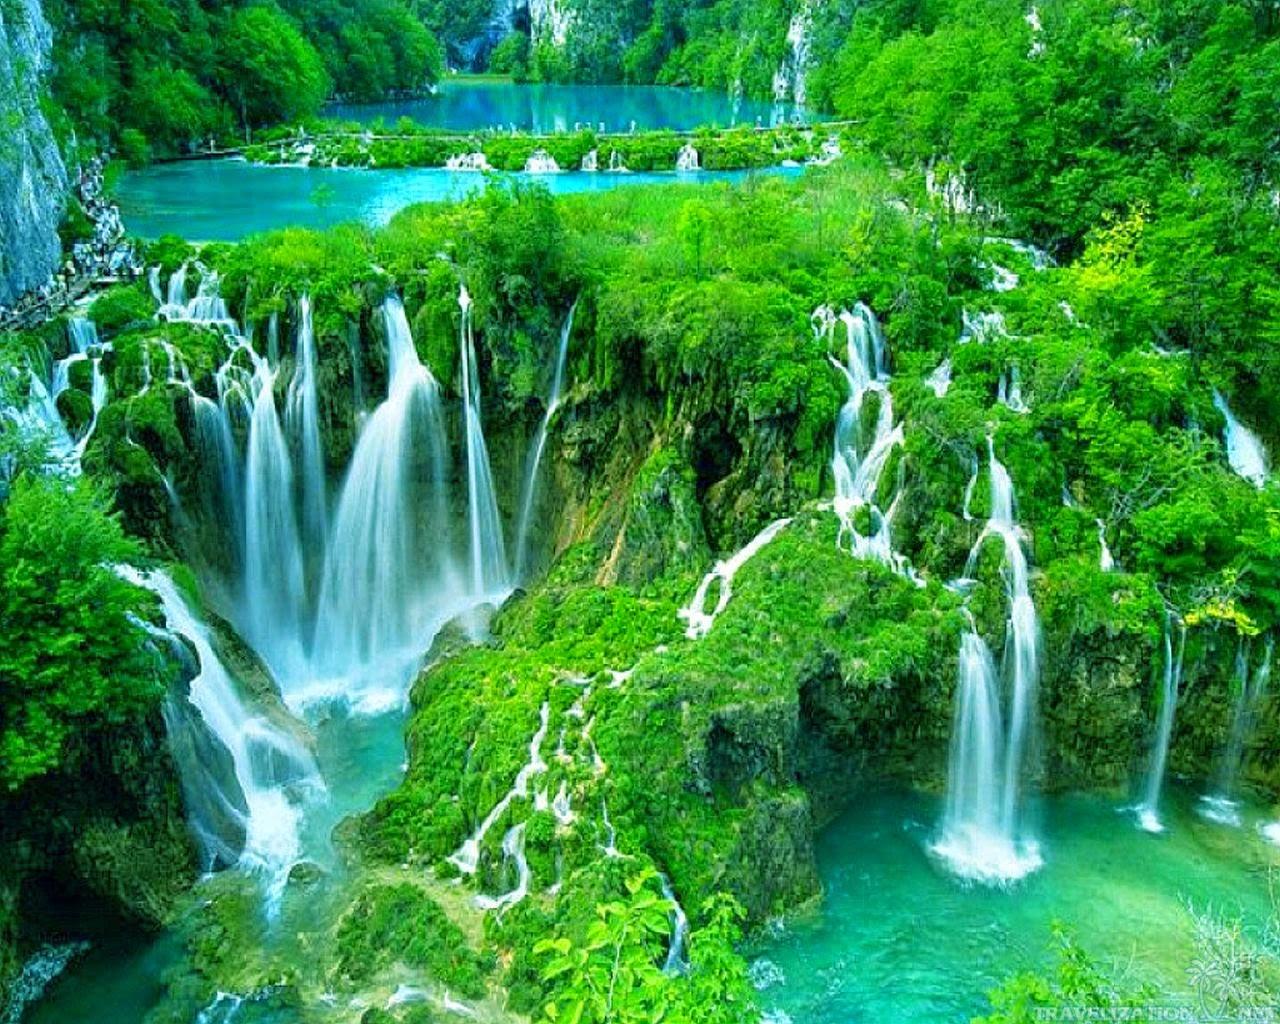 Le parc de Plitvice  - Croatie -   dans Nature 1478280772-16052202490911174